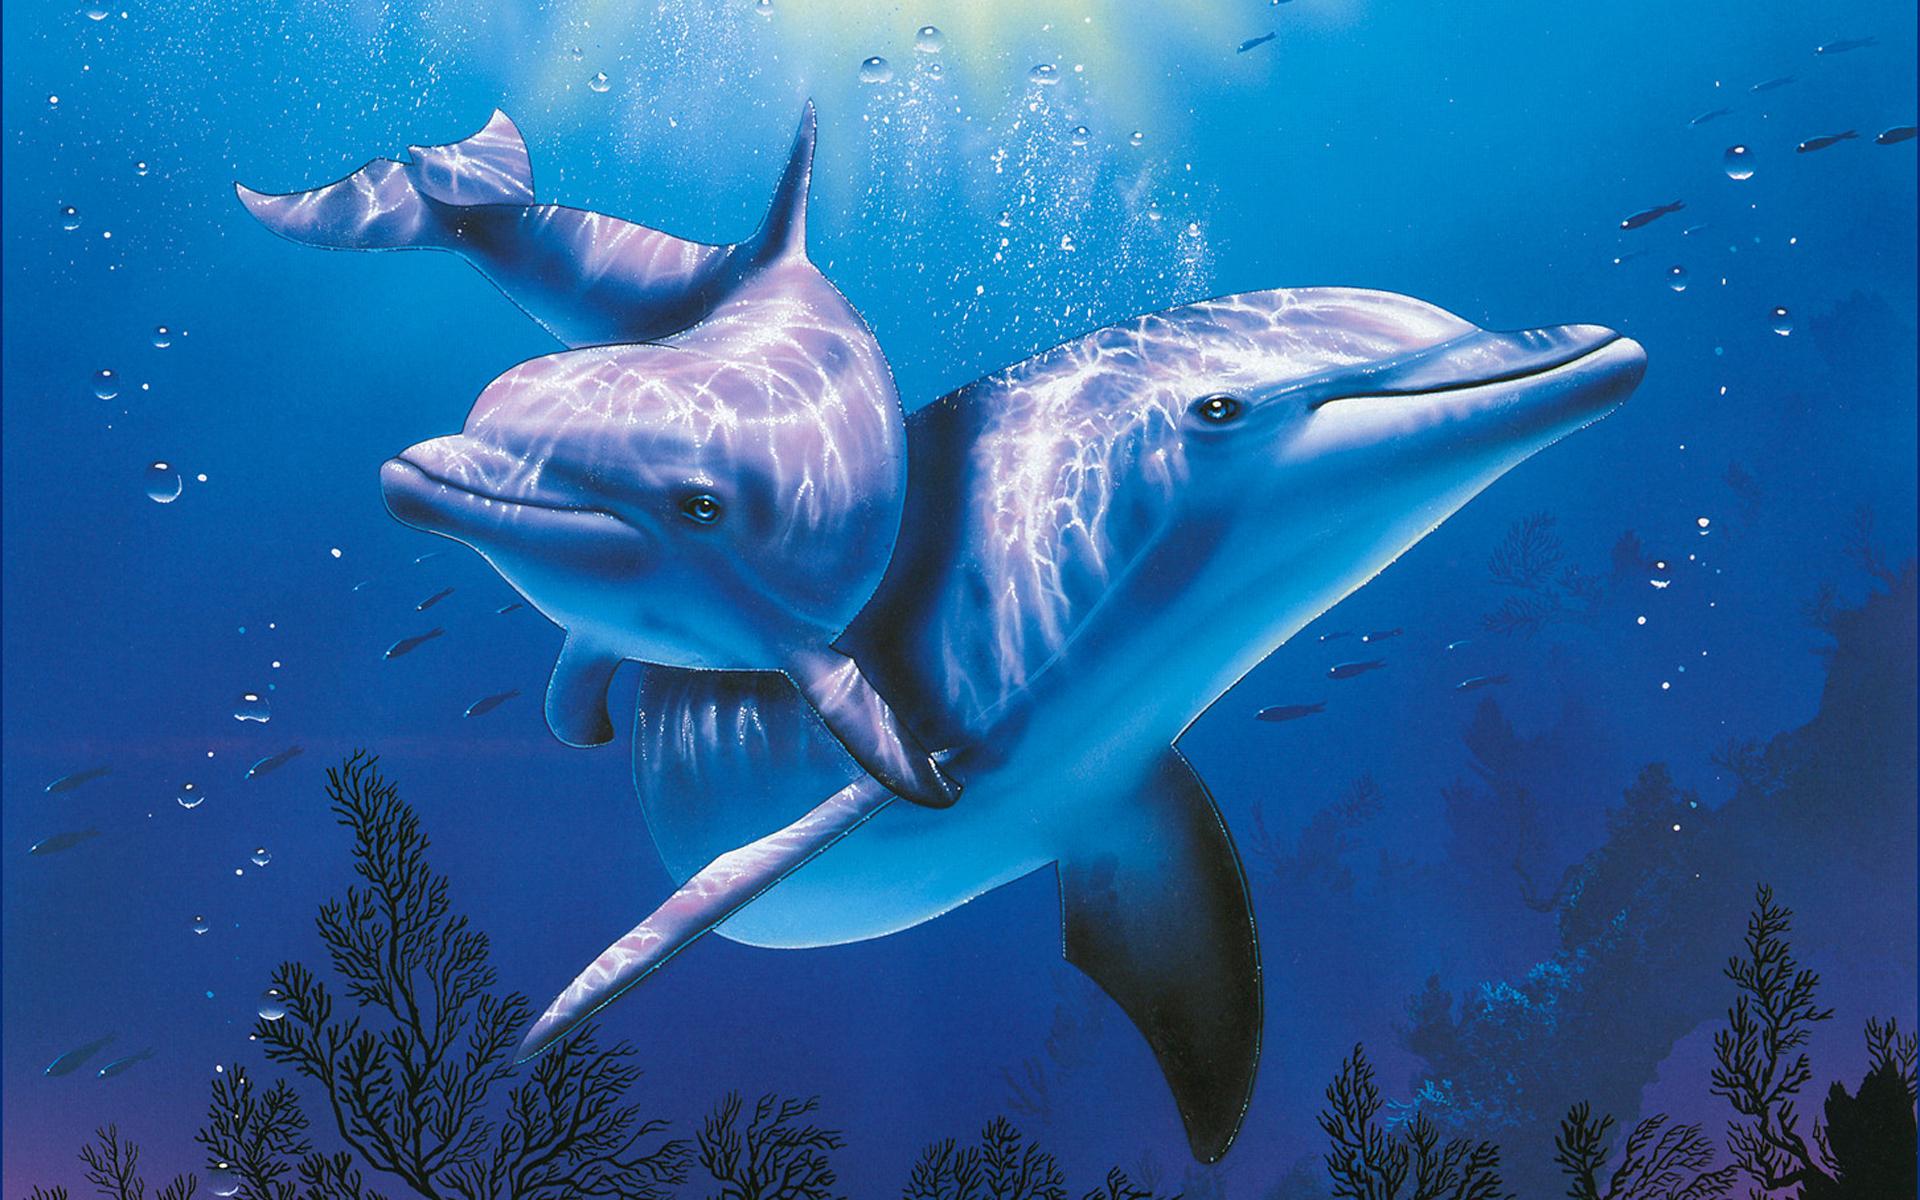 Hình ảnh cá heo đẹp, độc đáo